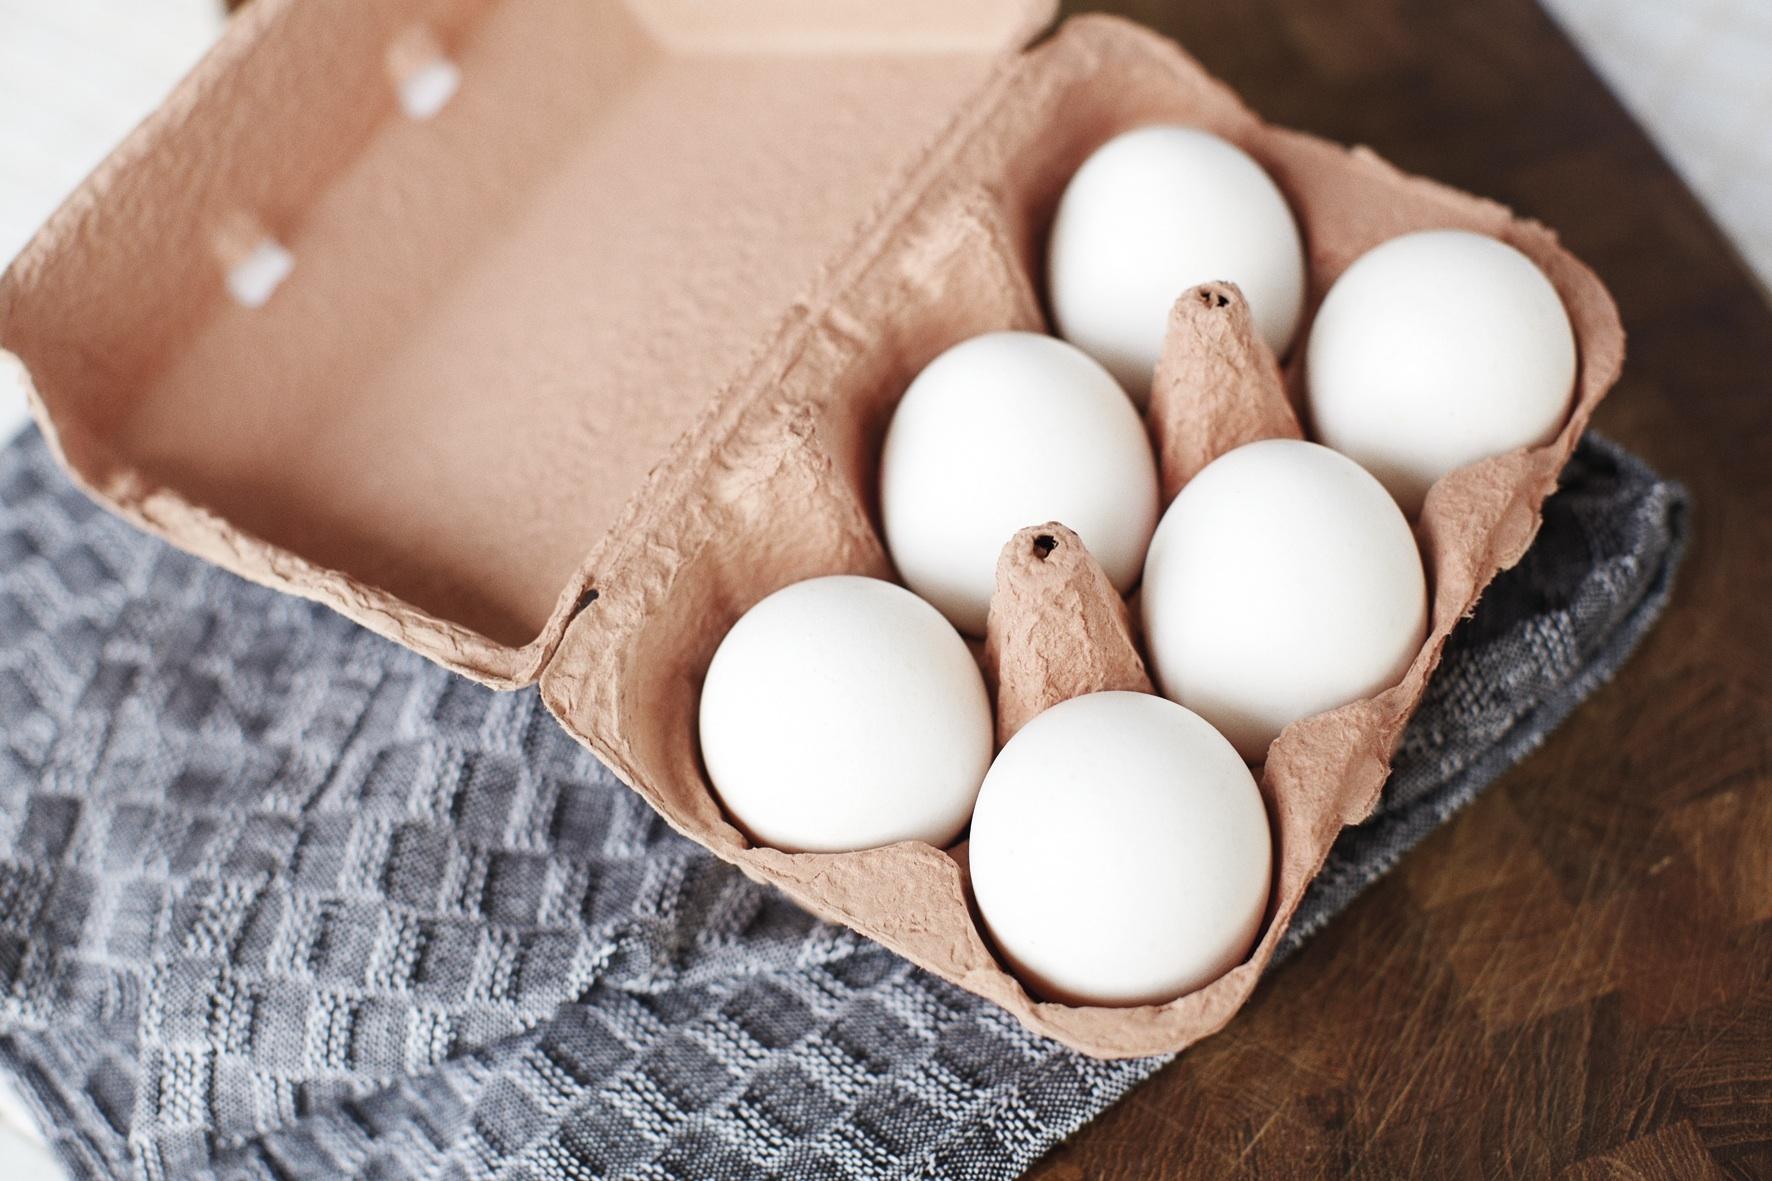 Vi danskere køber flere økologiske æg